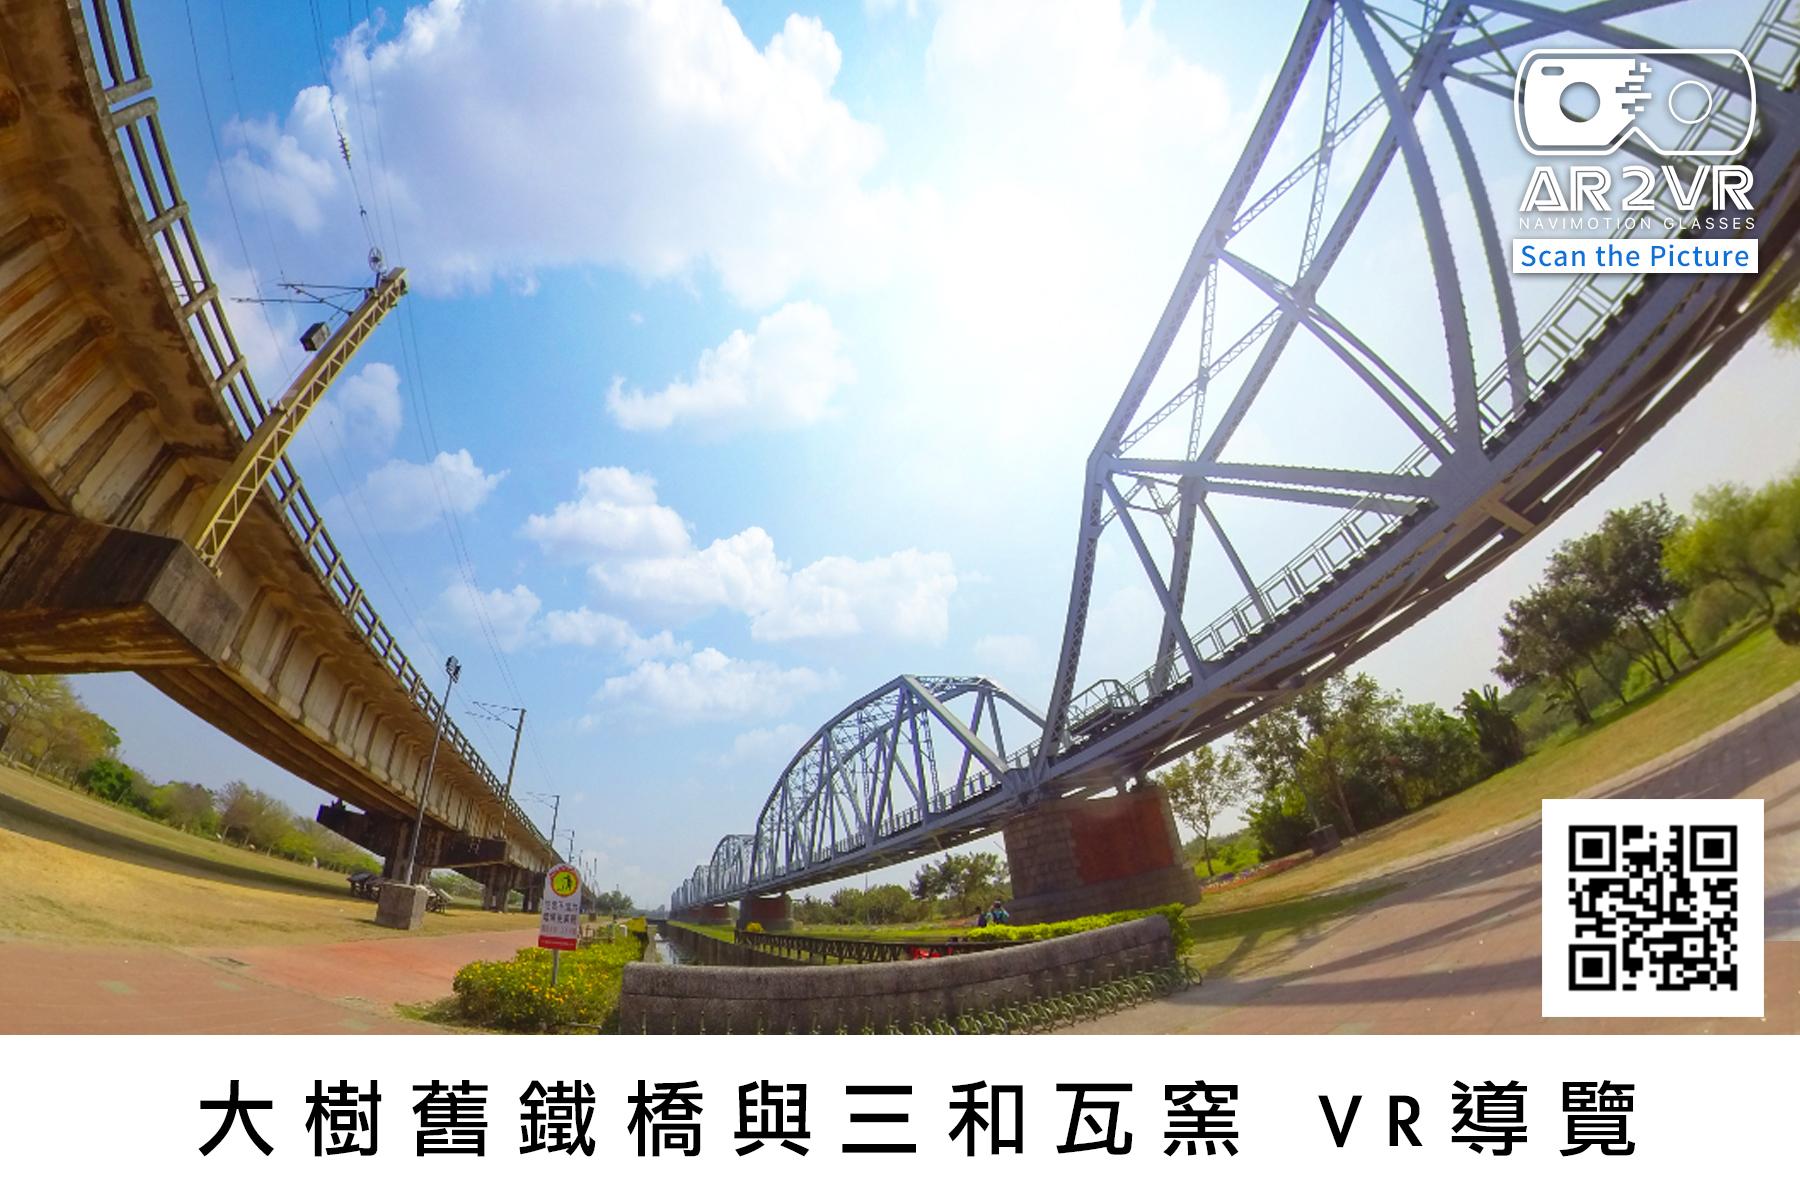 舊鐵橋與三和瓦窯-AR辨識卡